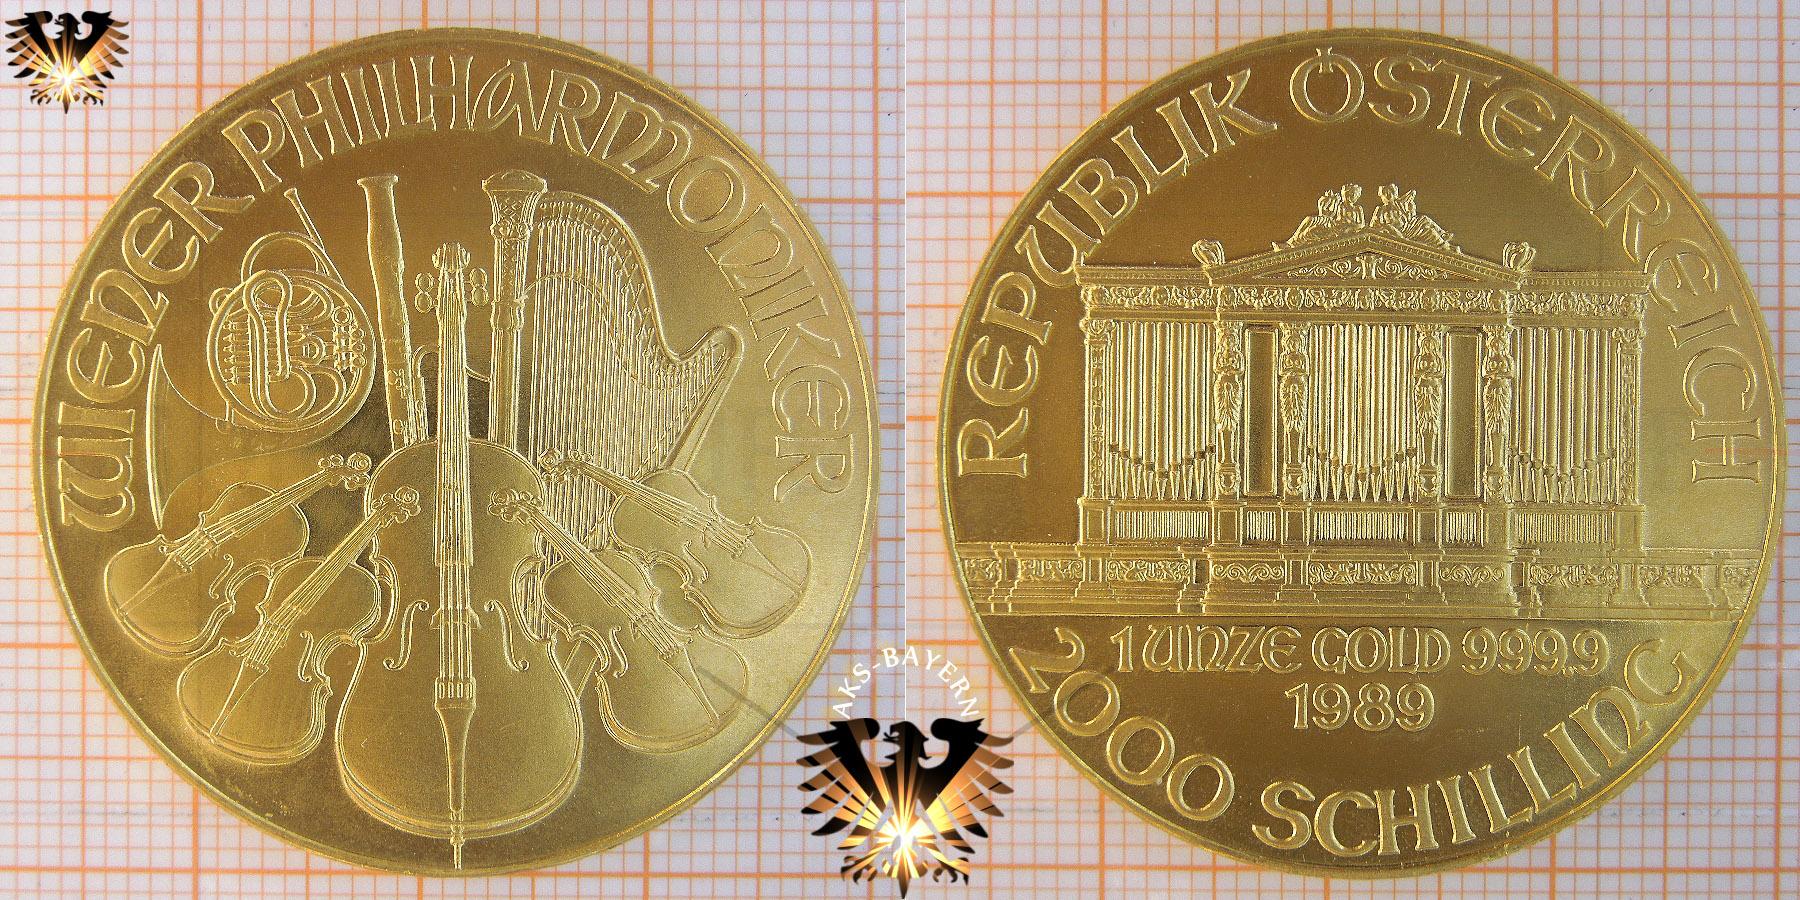 2000 Schilling österreich 1989 Wiener Philharmoniker 1 Unze